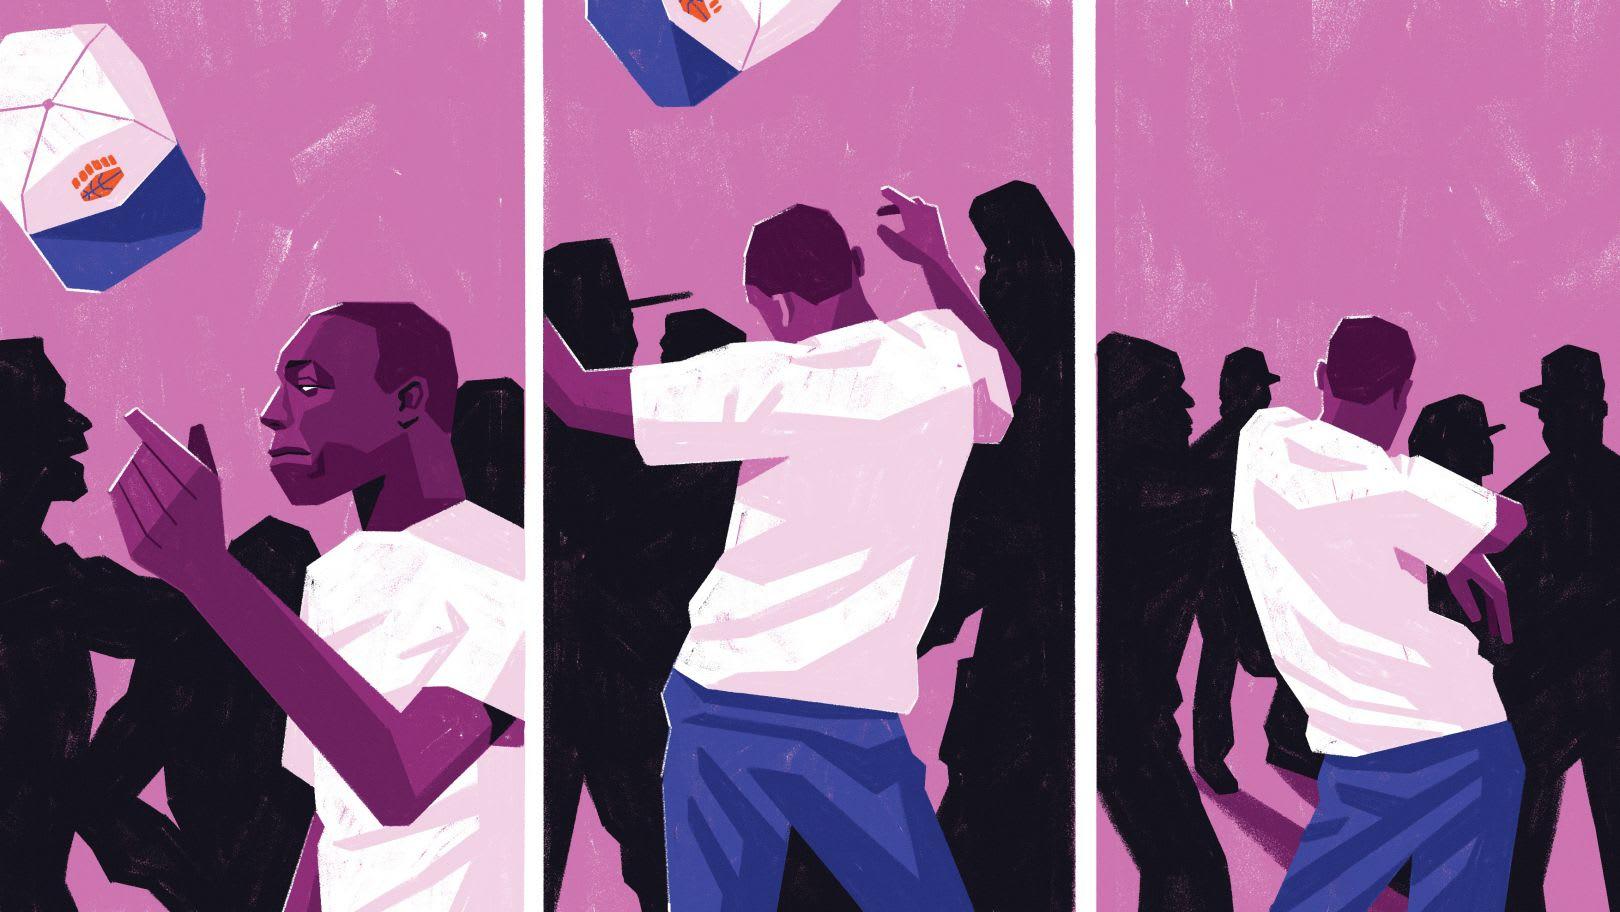 Louder than a riot - Une série d'illustration par Dale edwin Murray